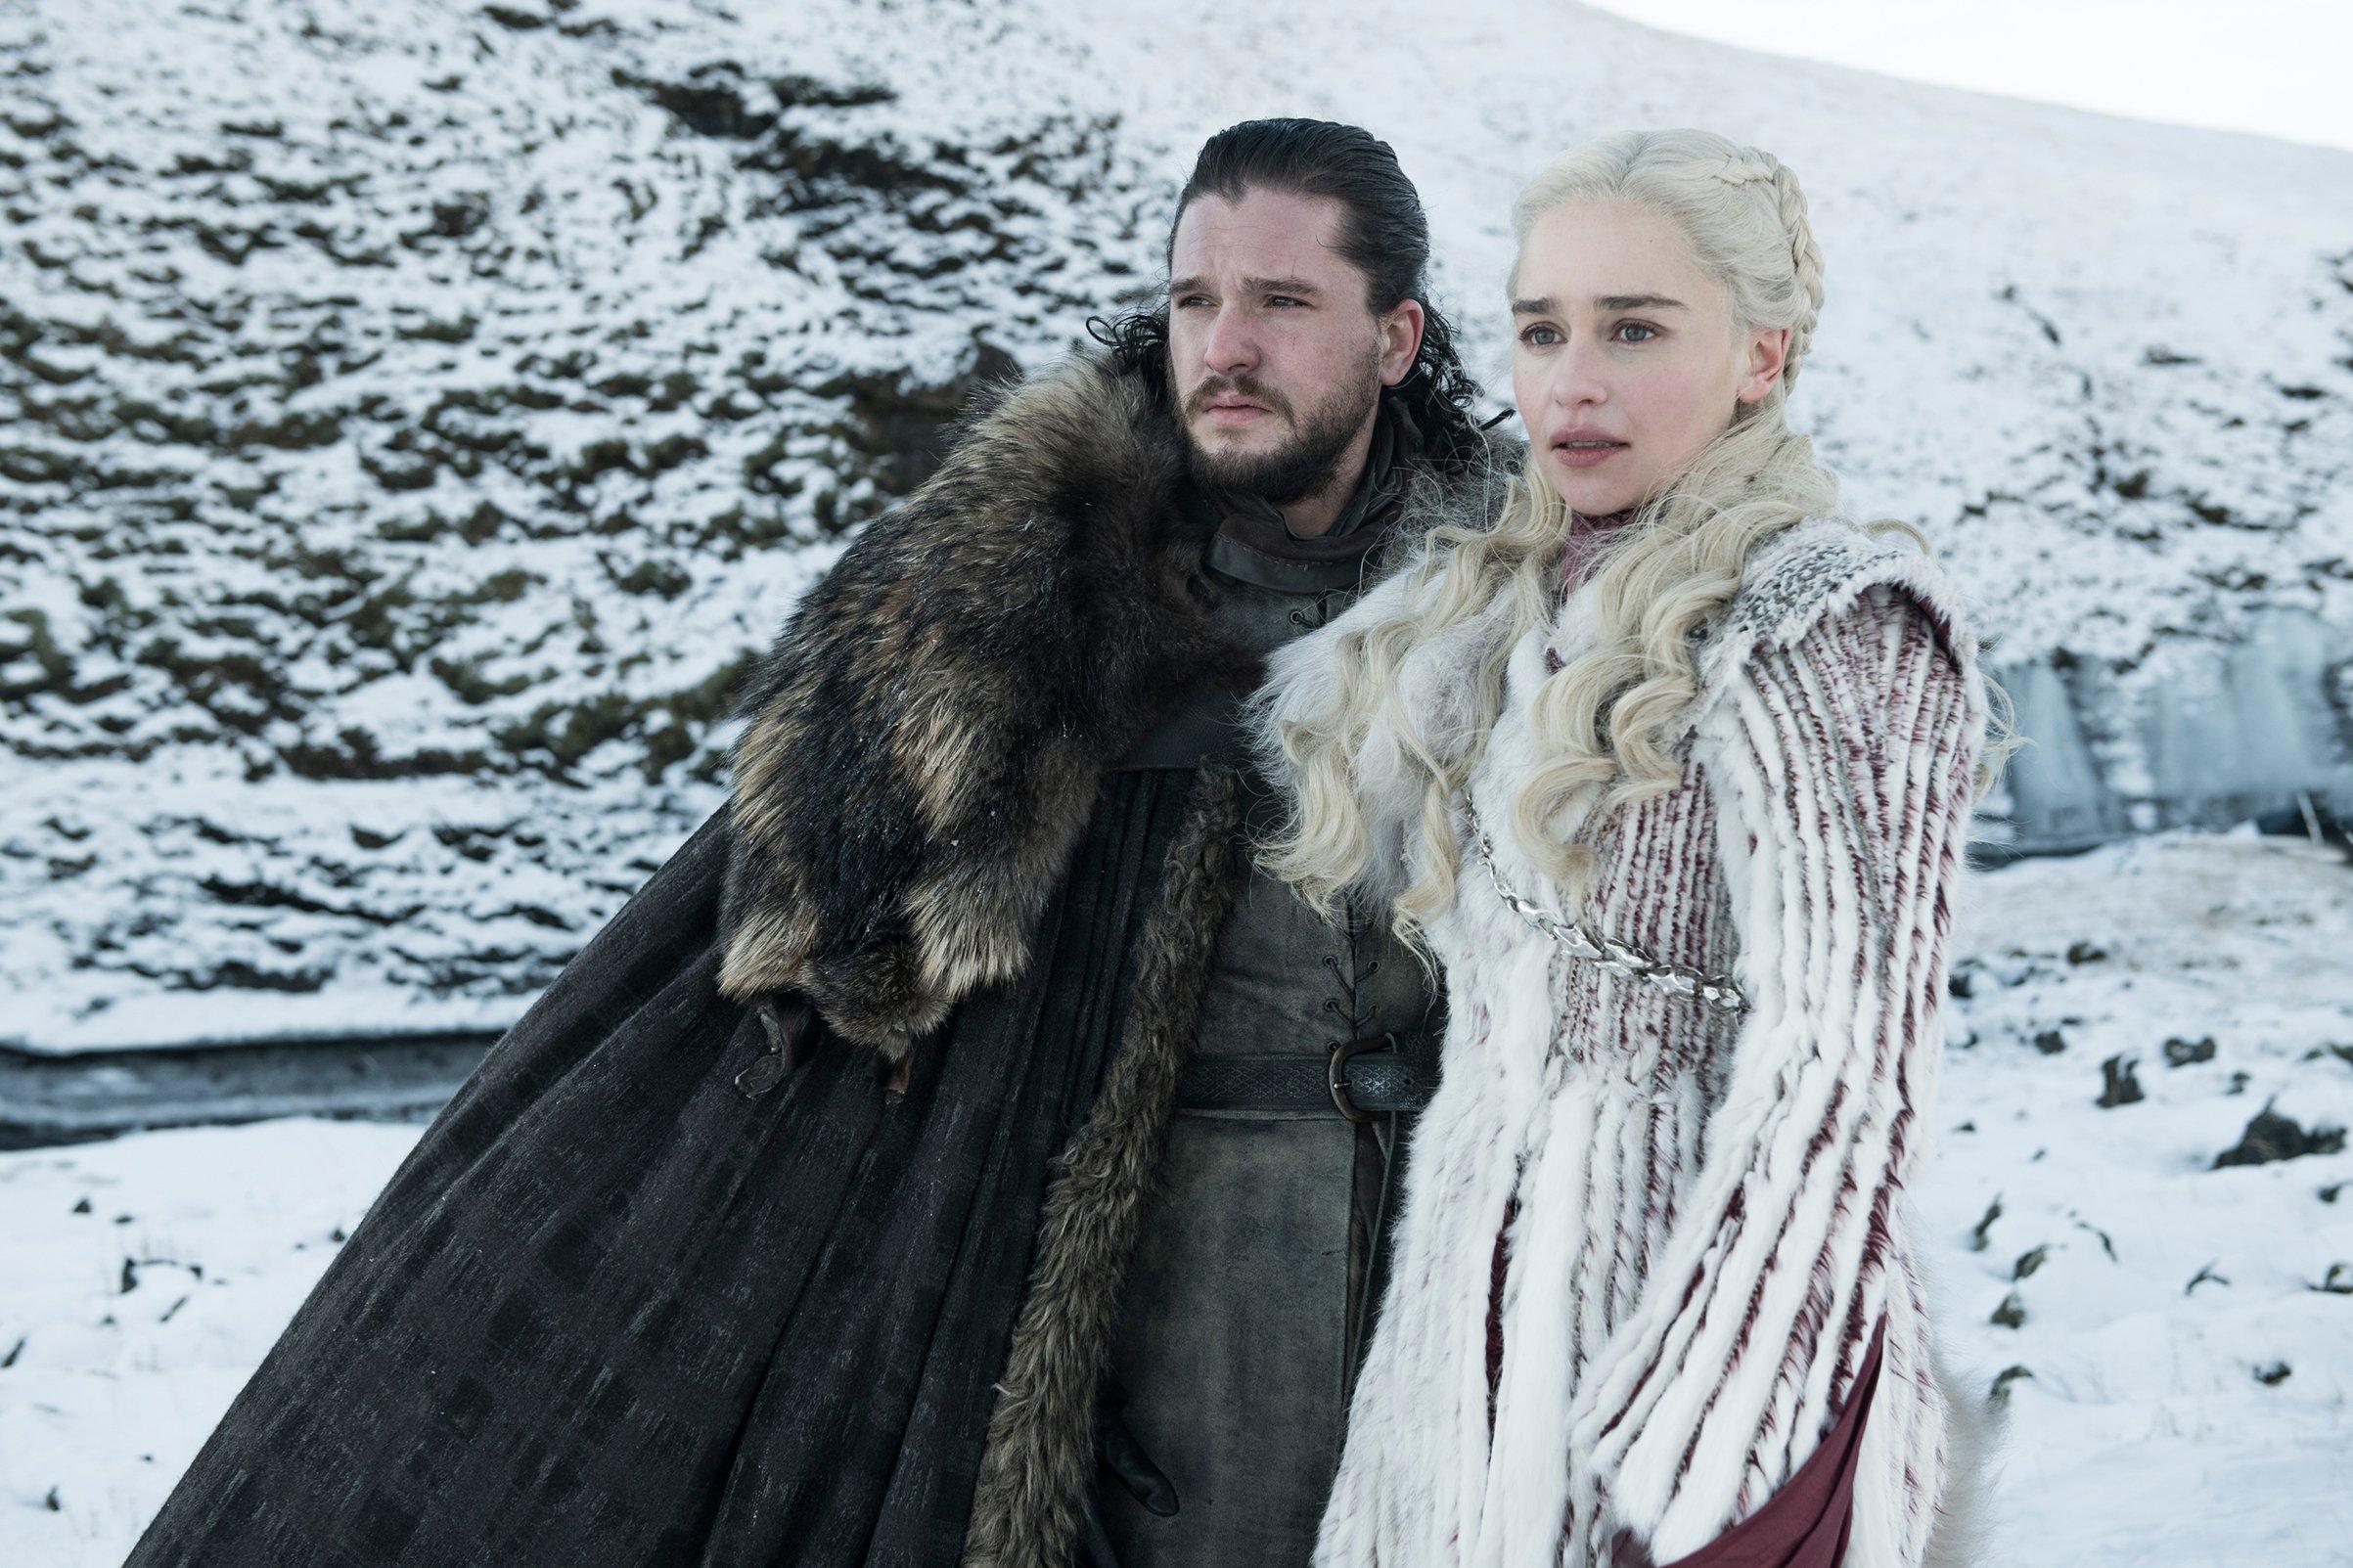 Oitava temporada de Game of Thrones